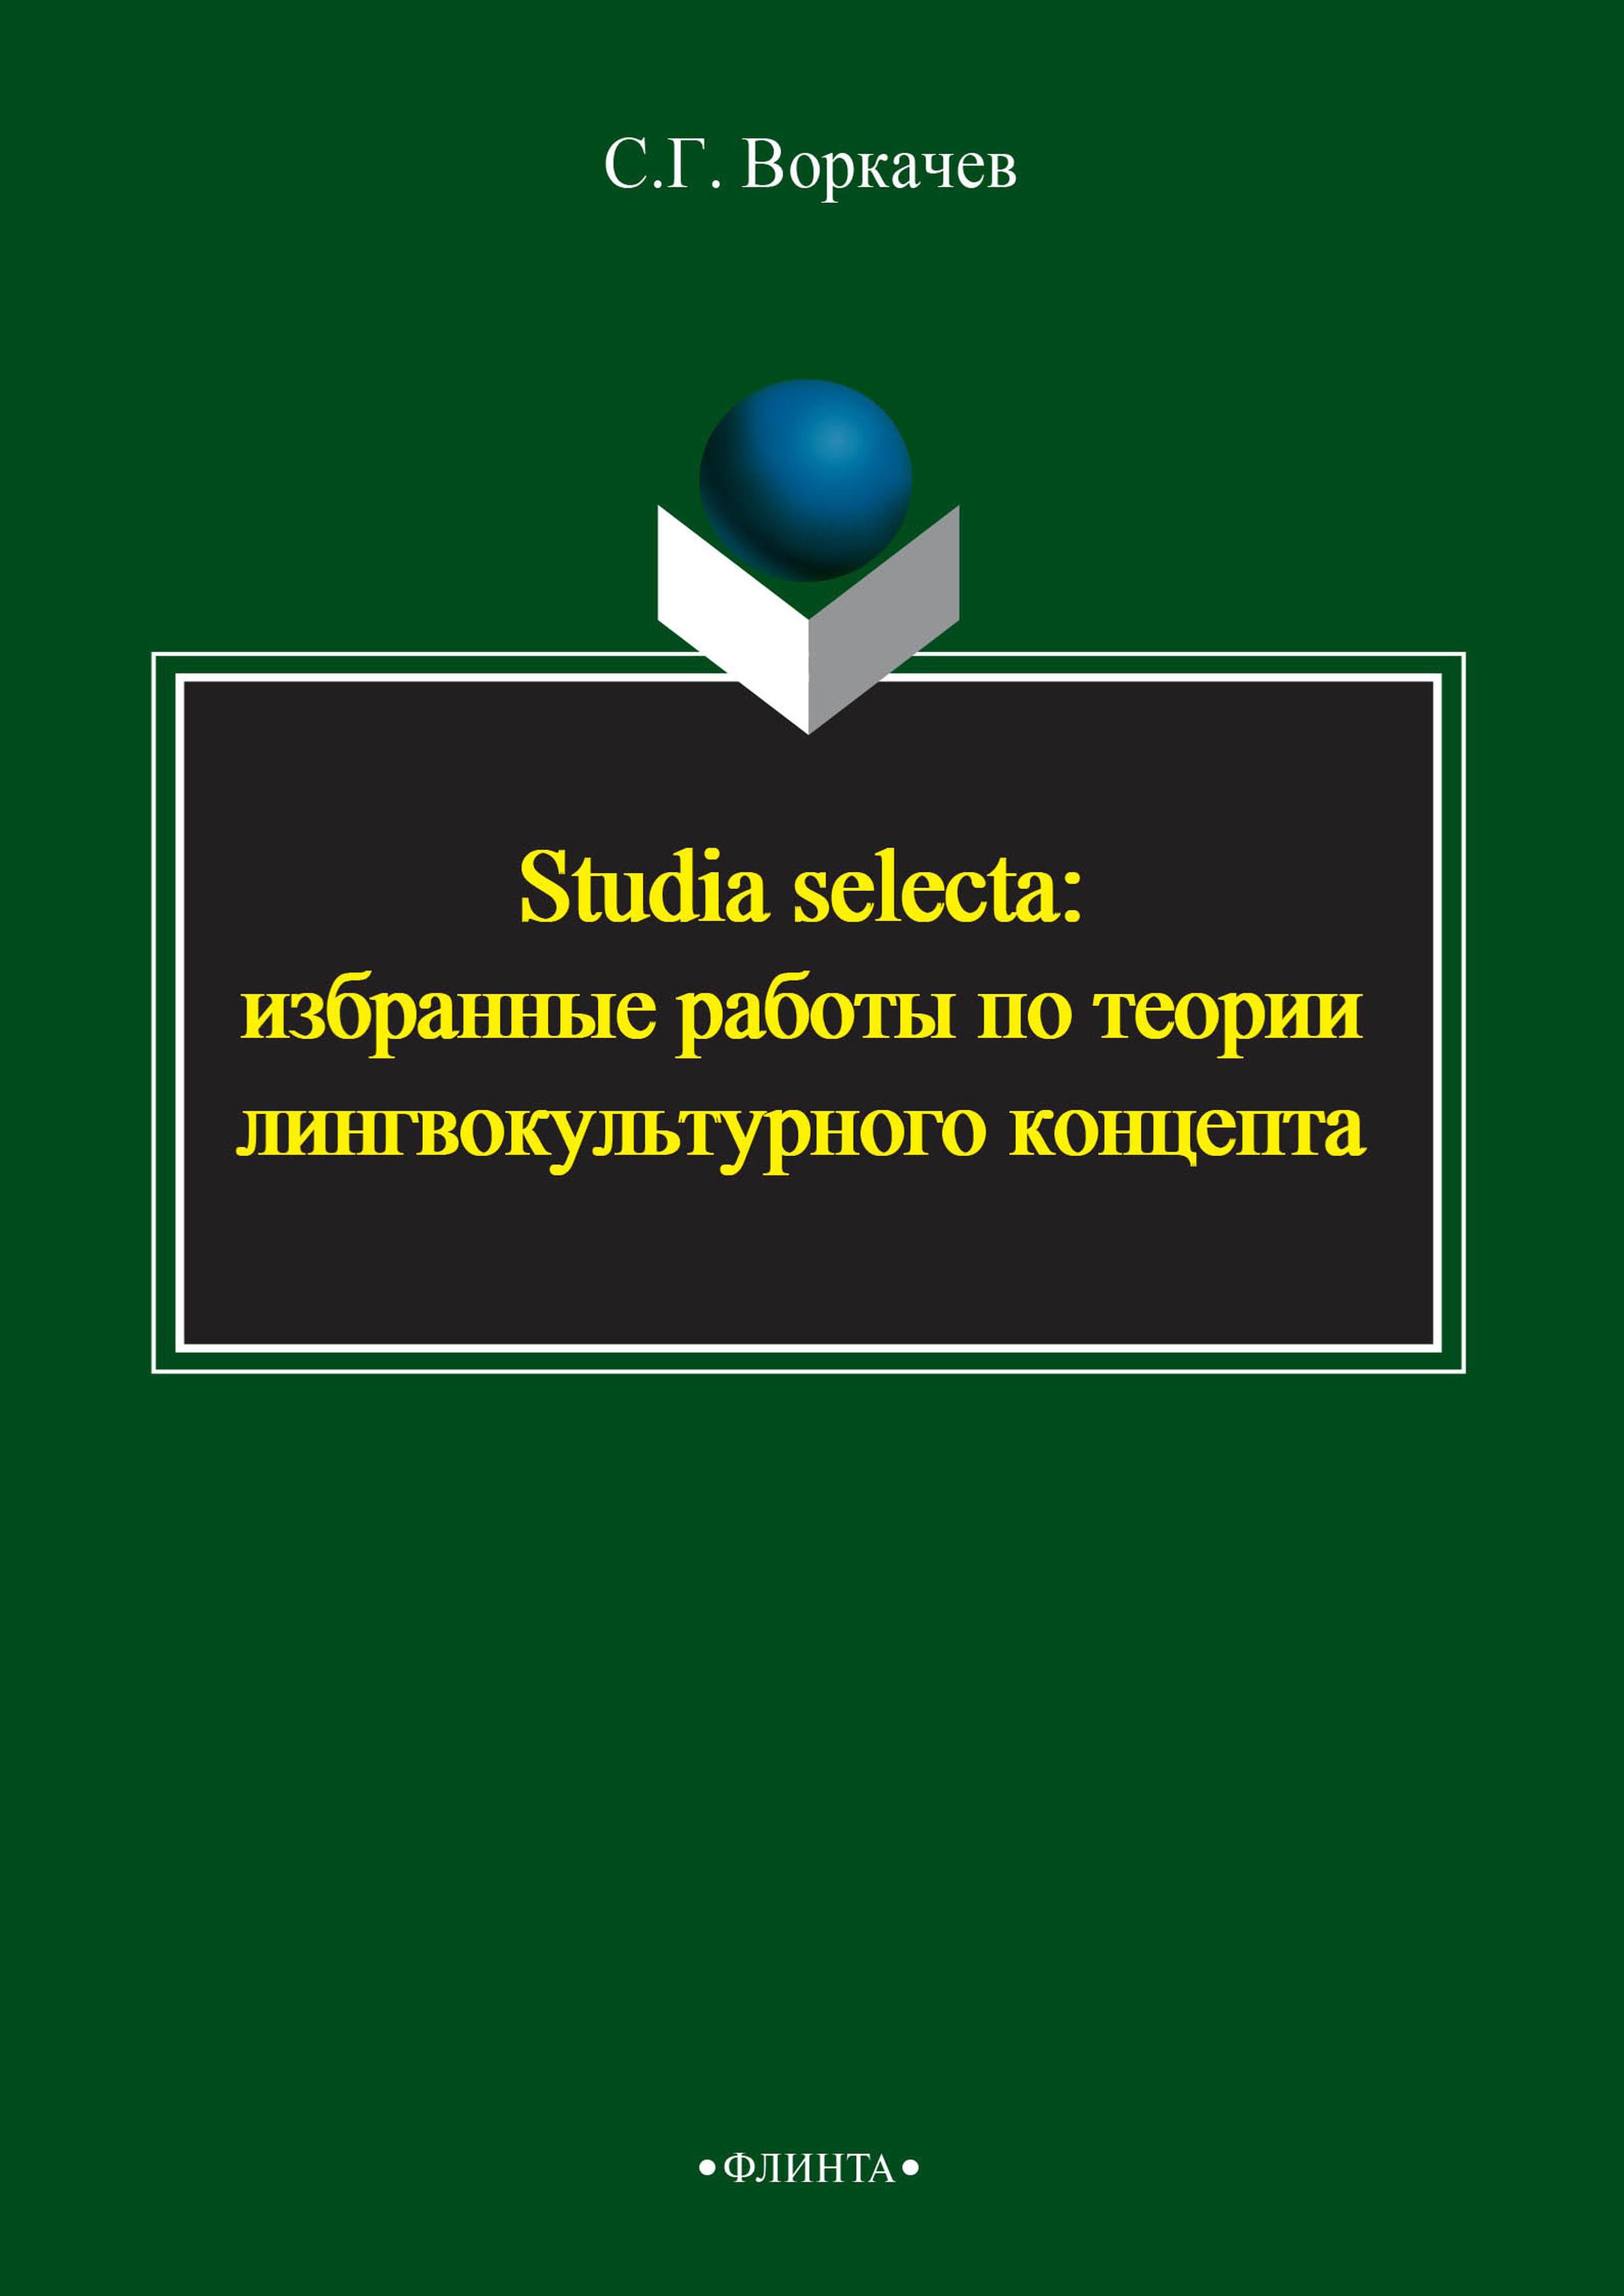 Сергей Воркачев Studia selecta: избранные работы по теории лингвокультурного концепта жак деррида голос и феномен и другие работы по теории знака